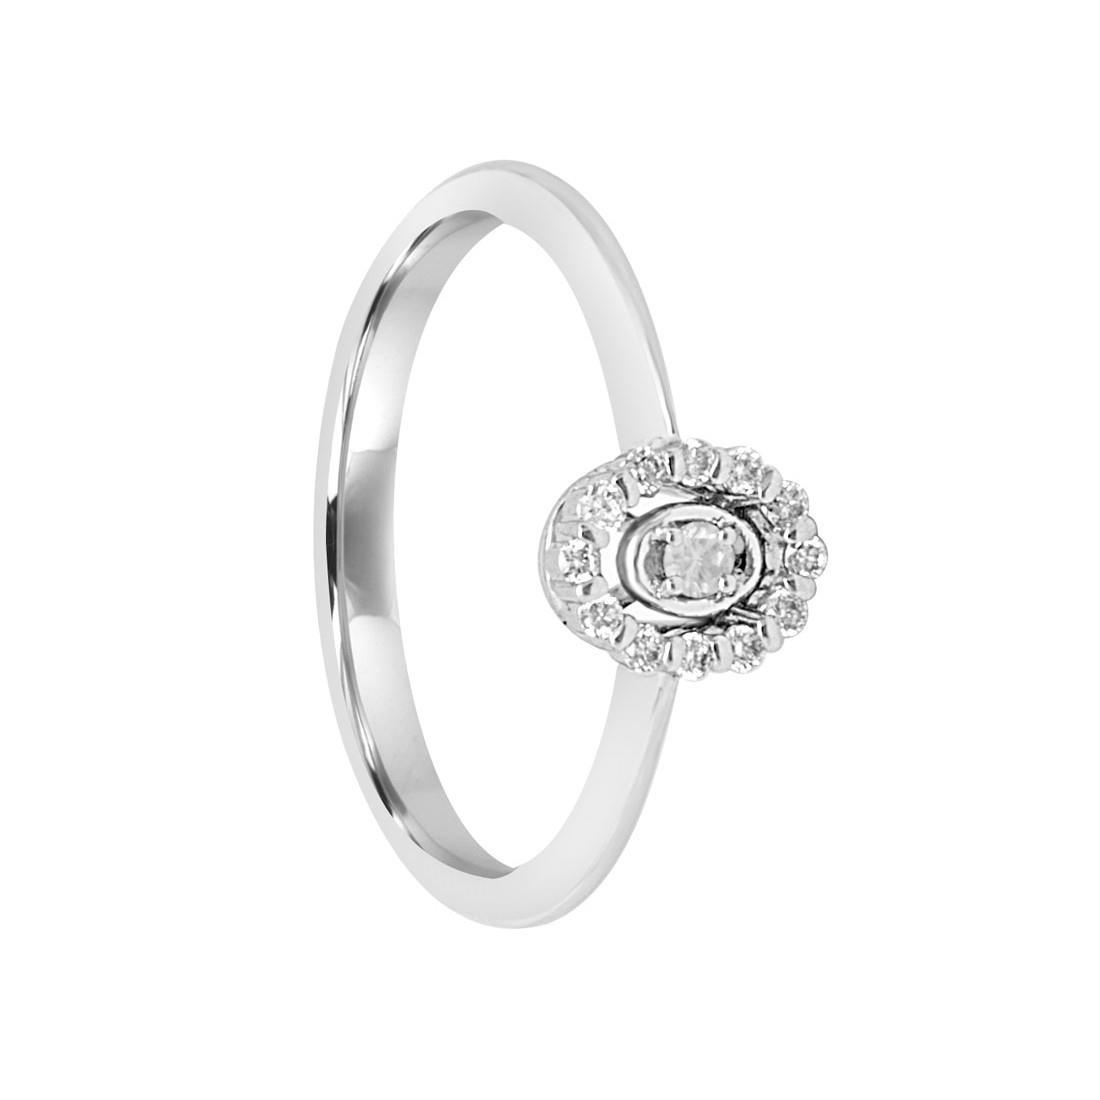 Anello in oro bianco con diamanti ct 0.10 misura 13 - SALVINI